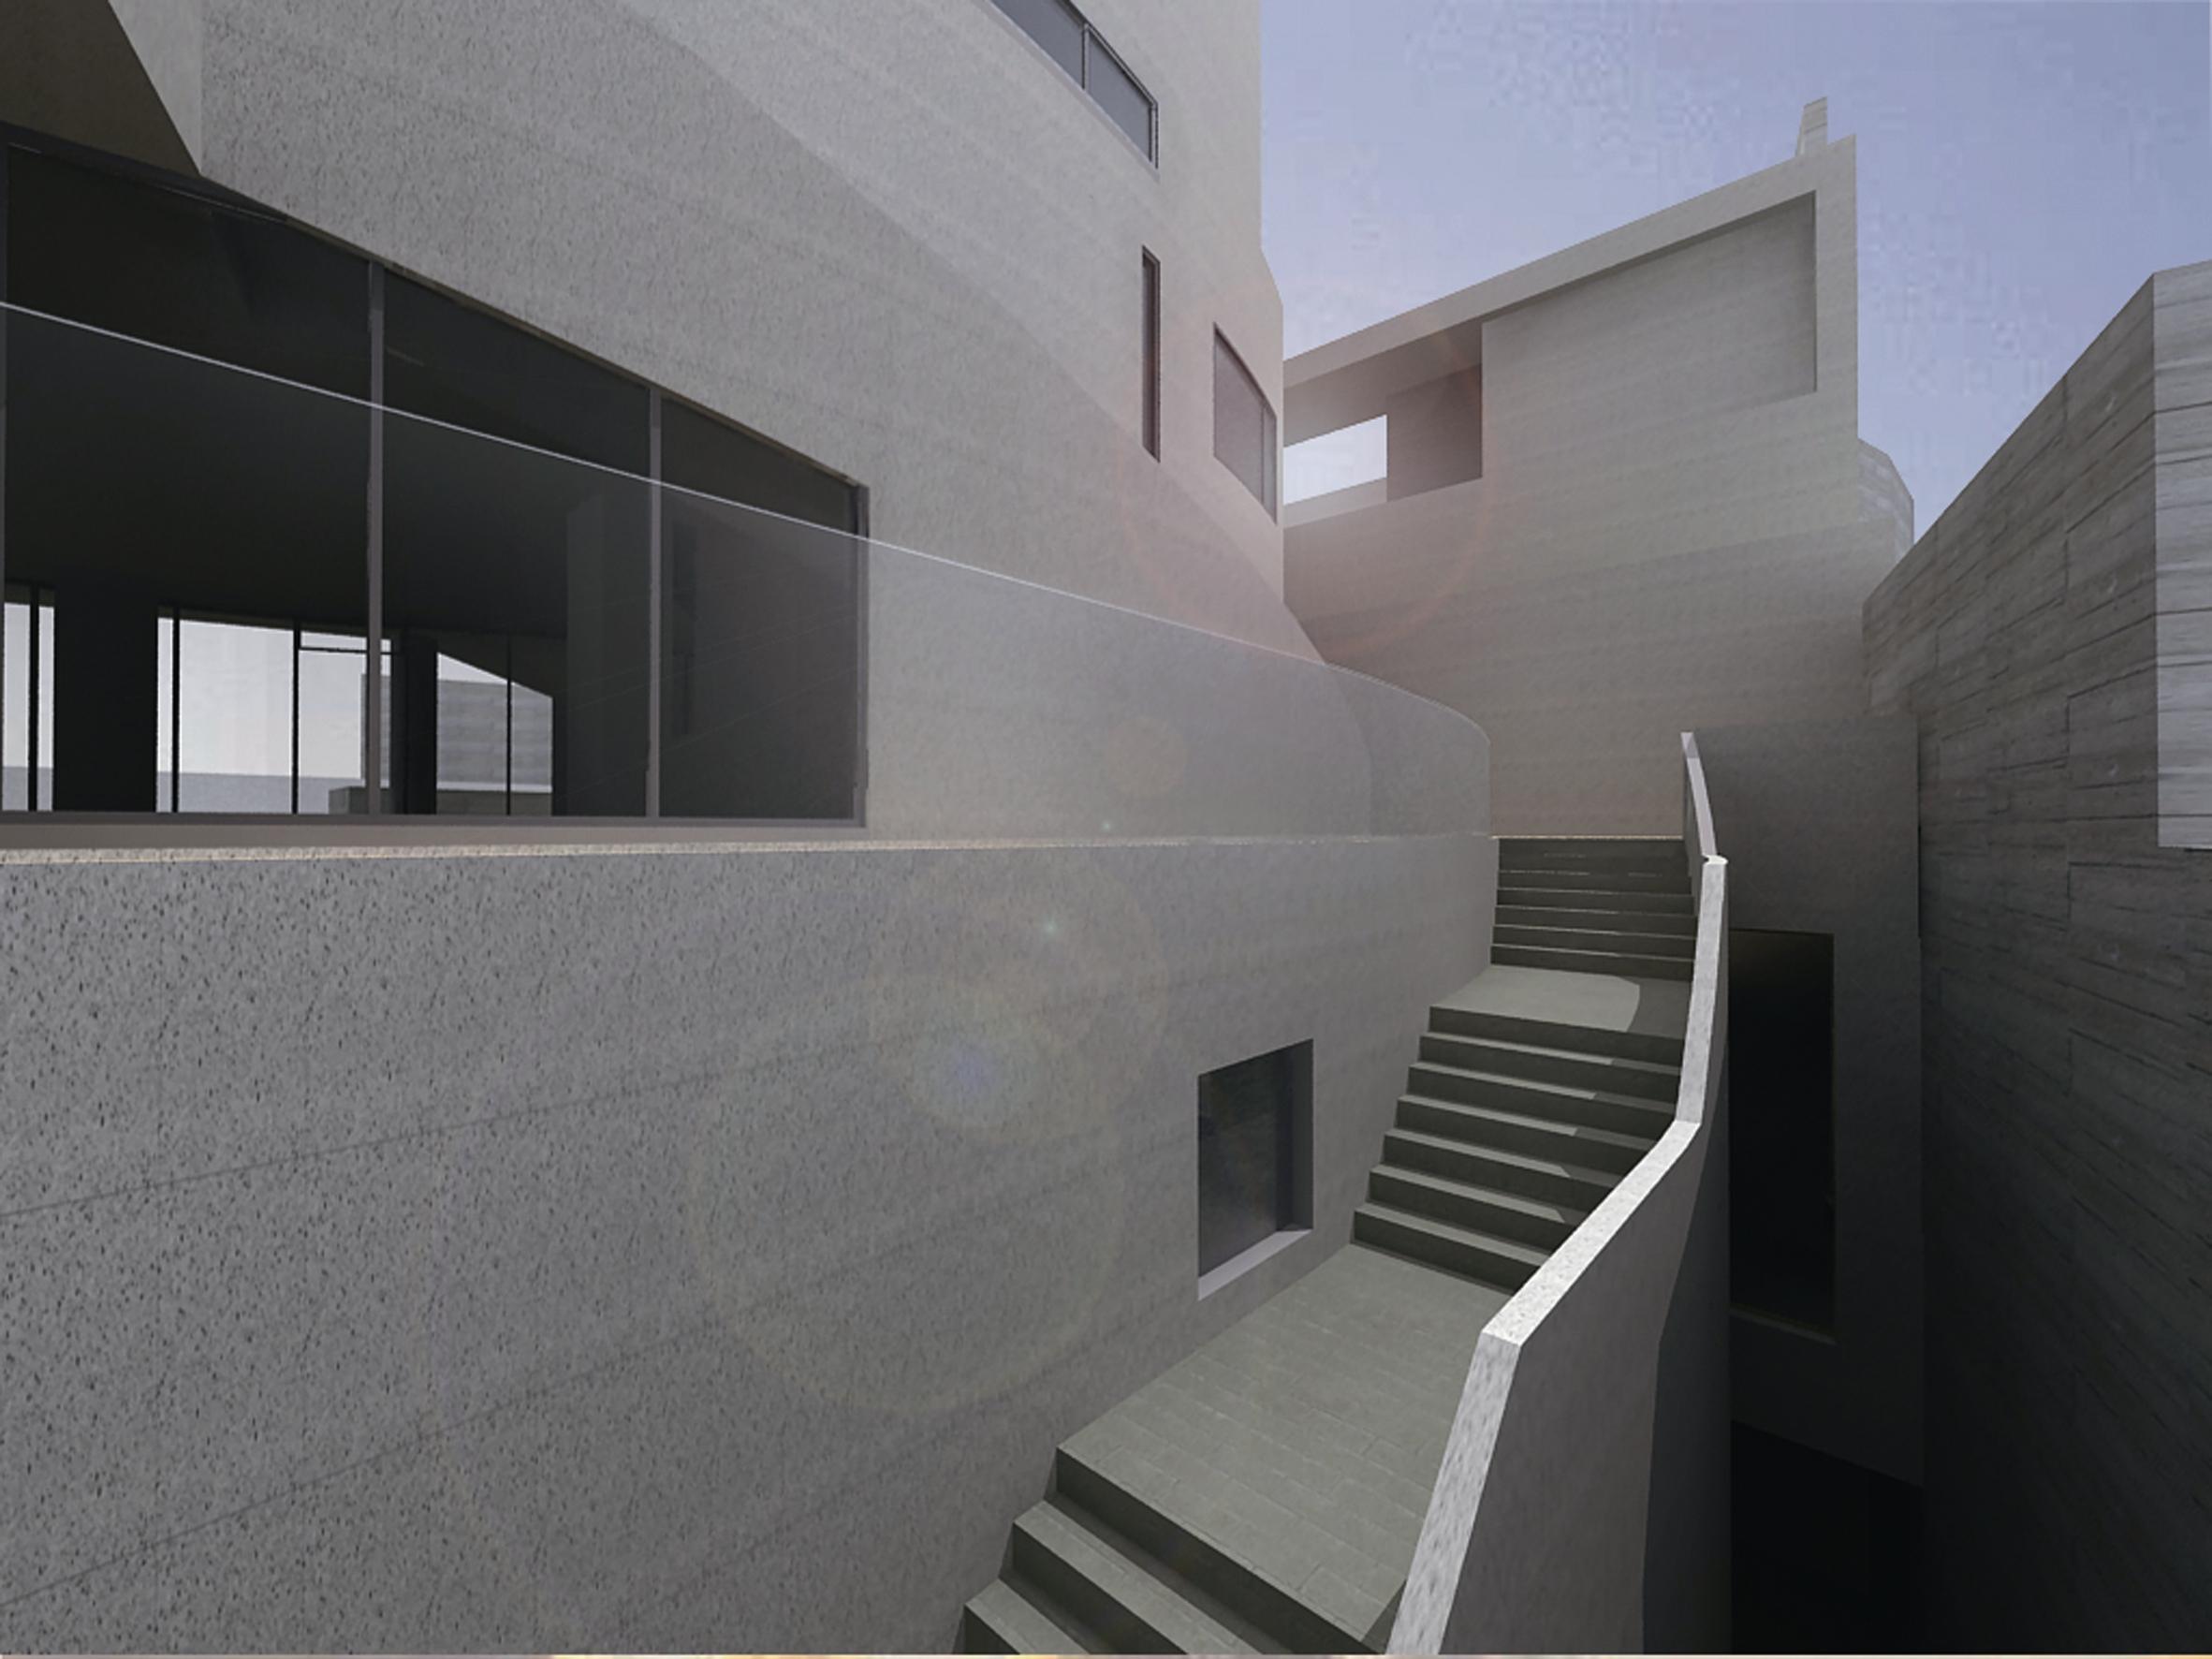 「玖住章」室外樓梯與平台導入山域的意象,形成可居可遊的漫